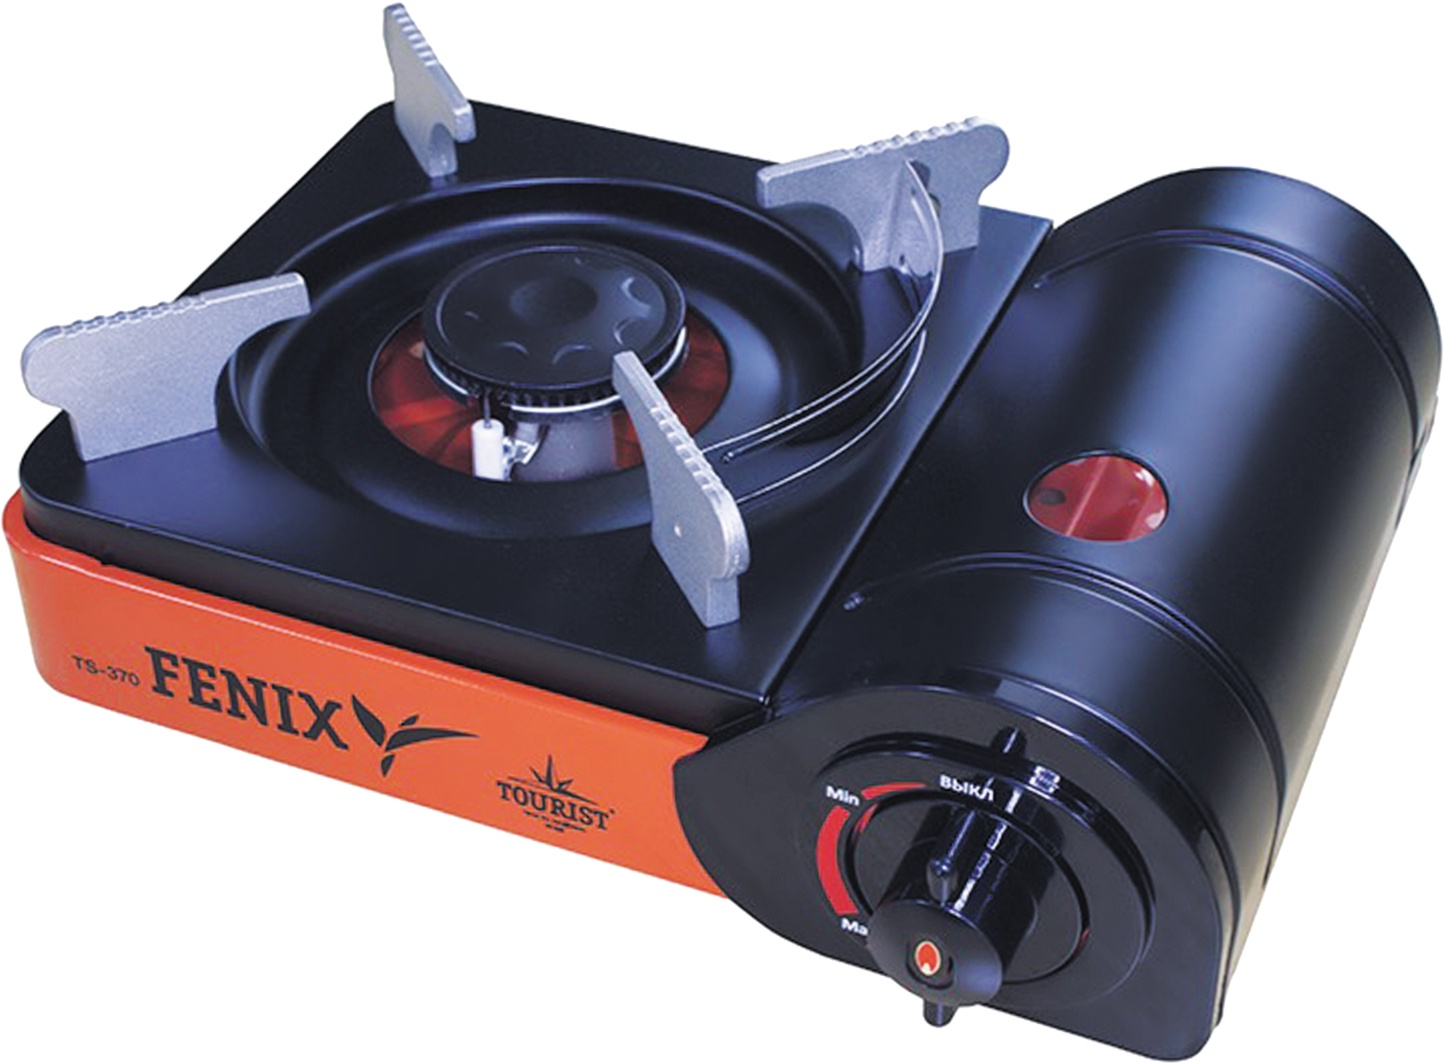 Плита газовая портативная FENIX (TS-370)